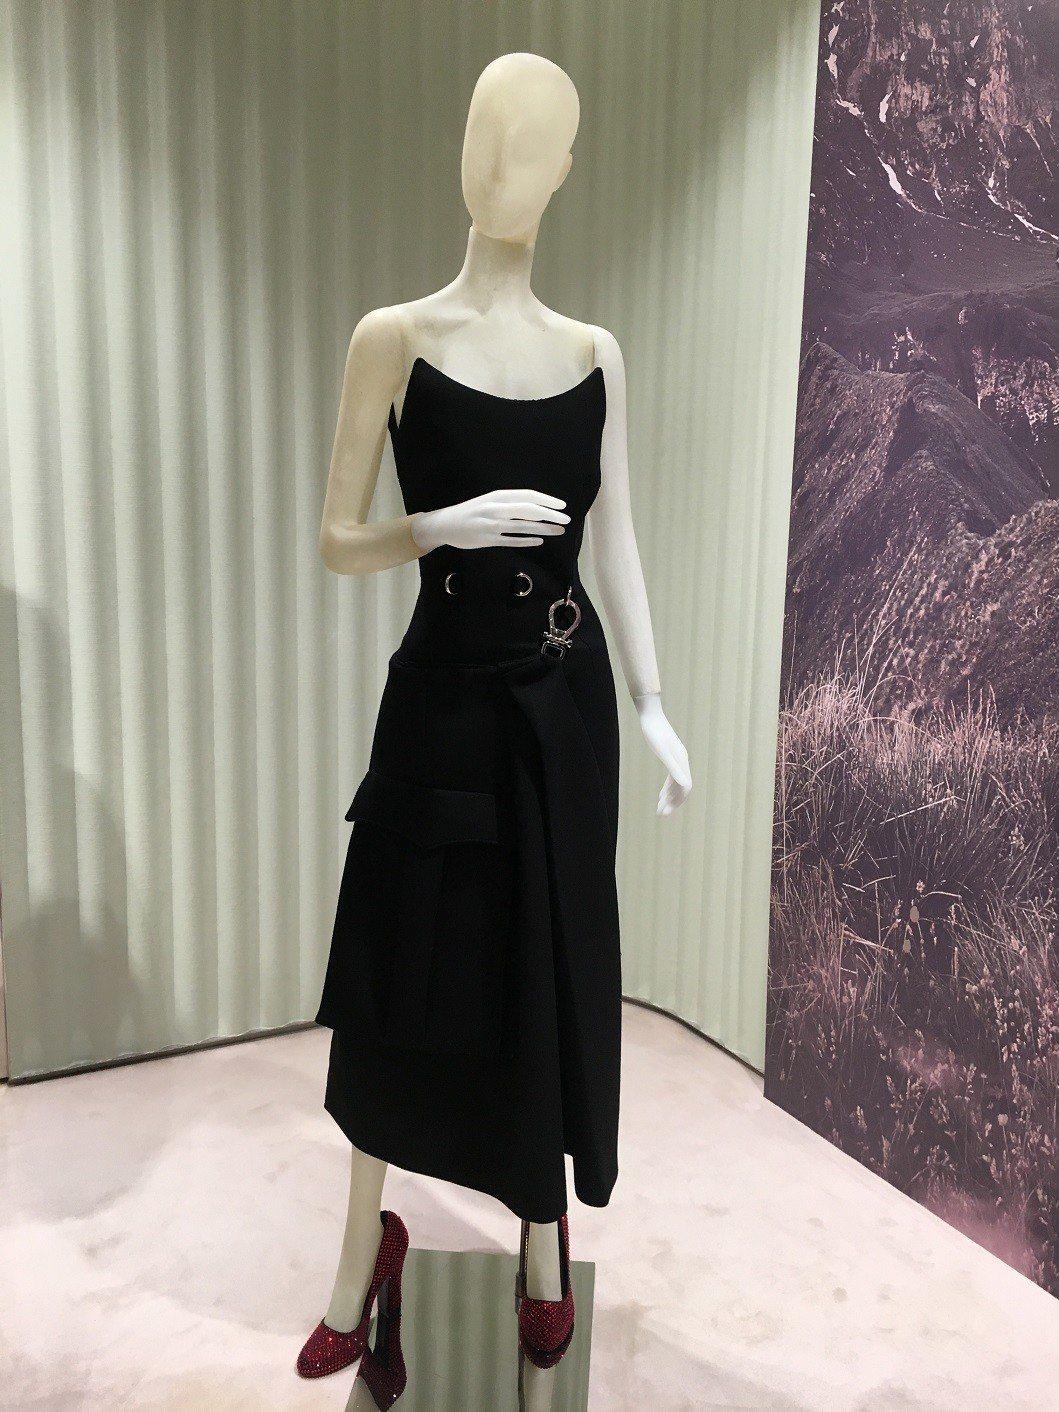 大衣、禮服外的金屬扣環與裝飾襯裙,也流露像是混搭降落傘扣環等戶外運動用品風格細節...